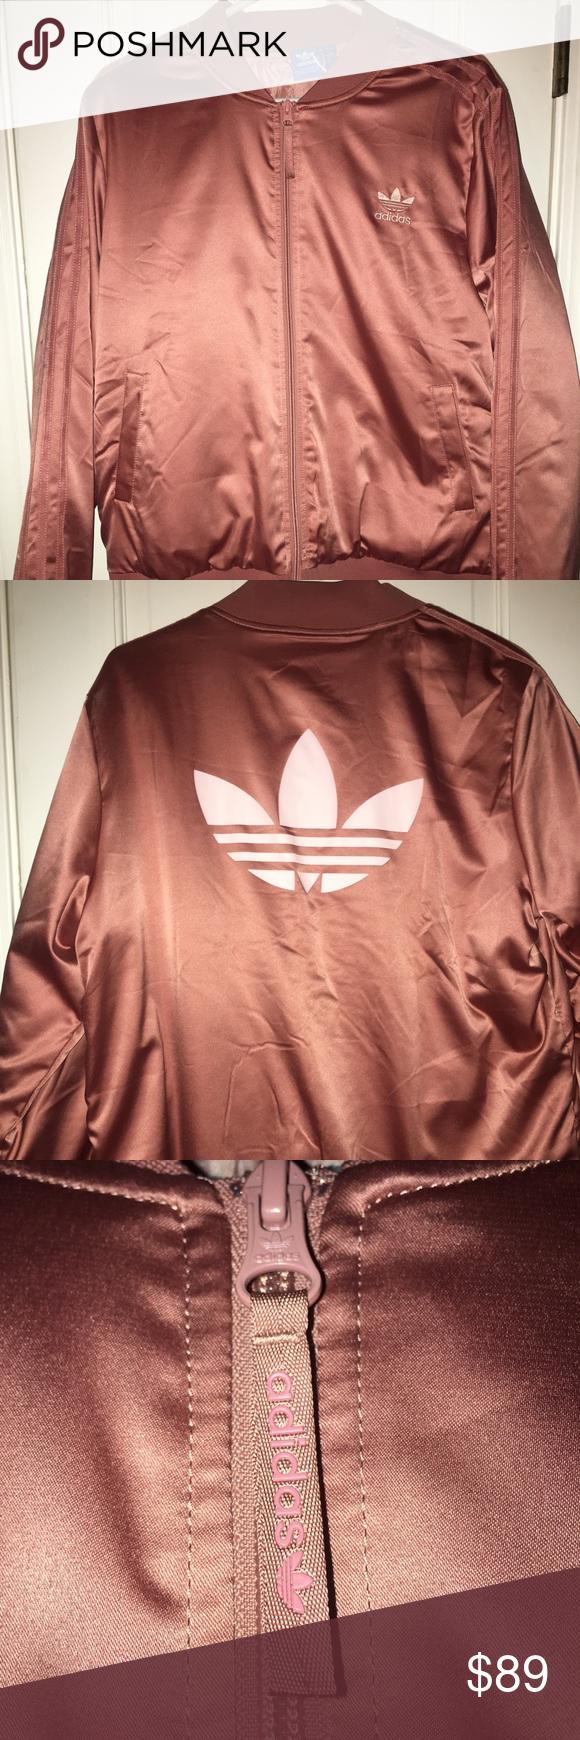 35f1ef00af0 Adidas Satin Rose Gold Bomber Jacket NWT